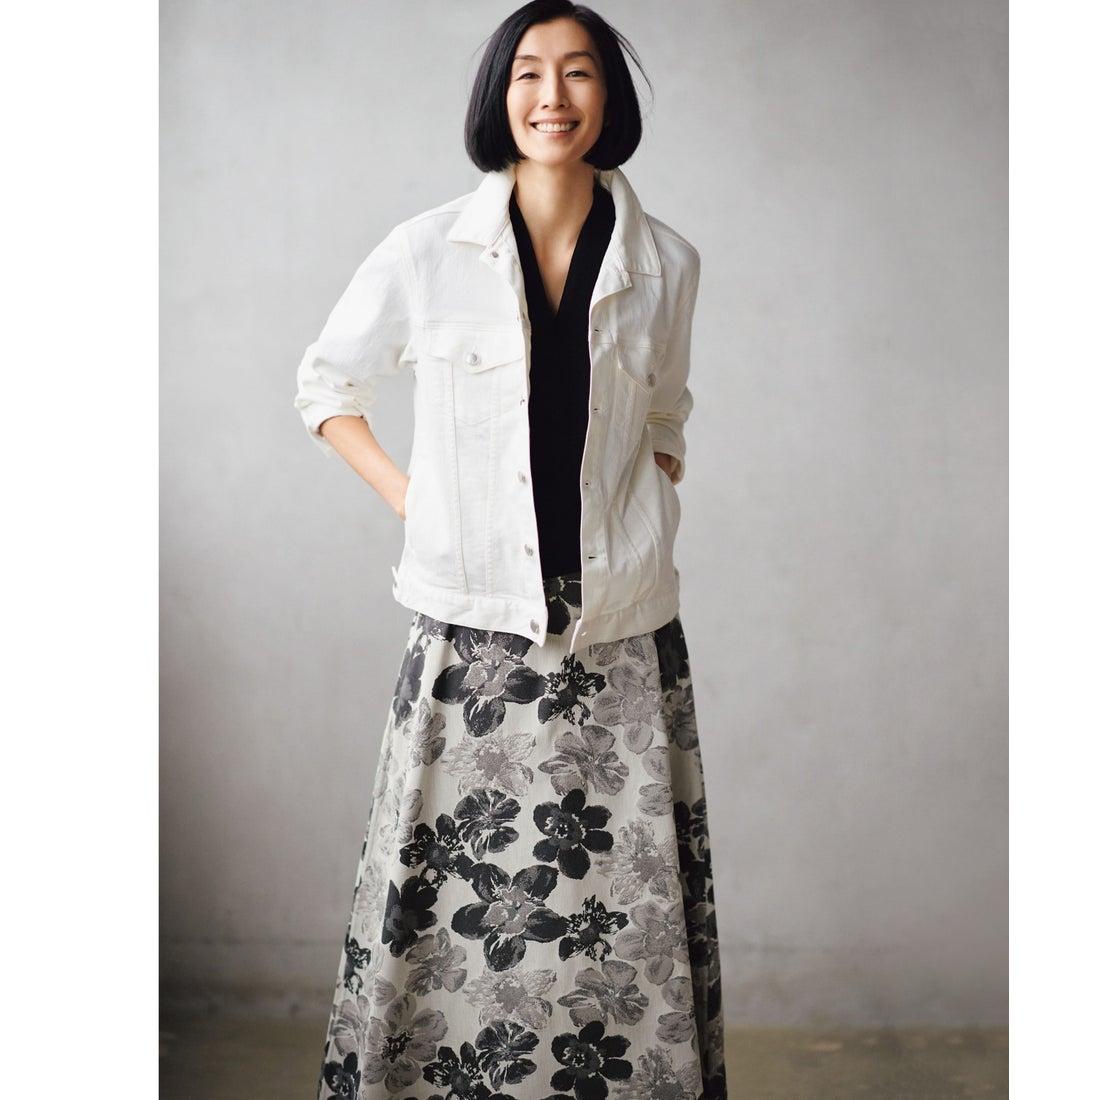 自由区 【マガジン掲載】SAKURA ジャカード リバーシブルスカート(検索番号E42) (グレー系6)